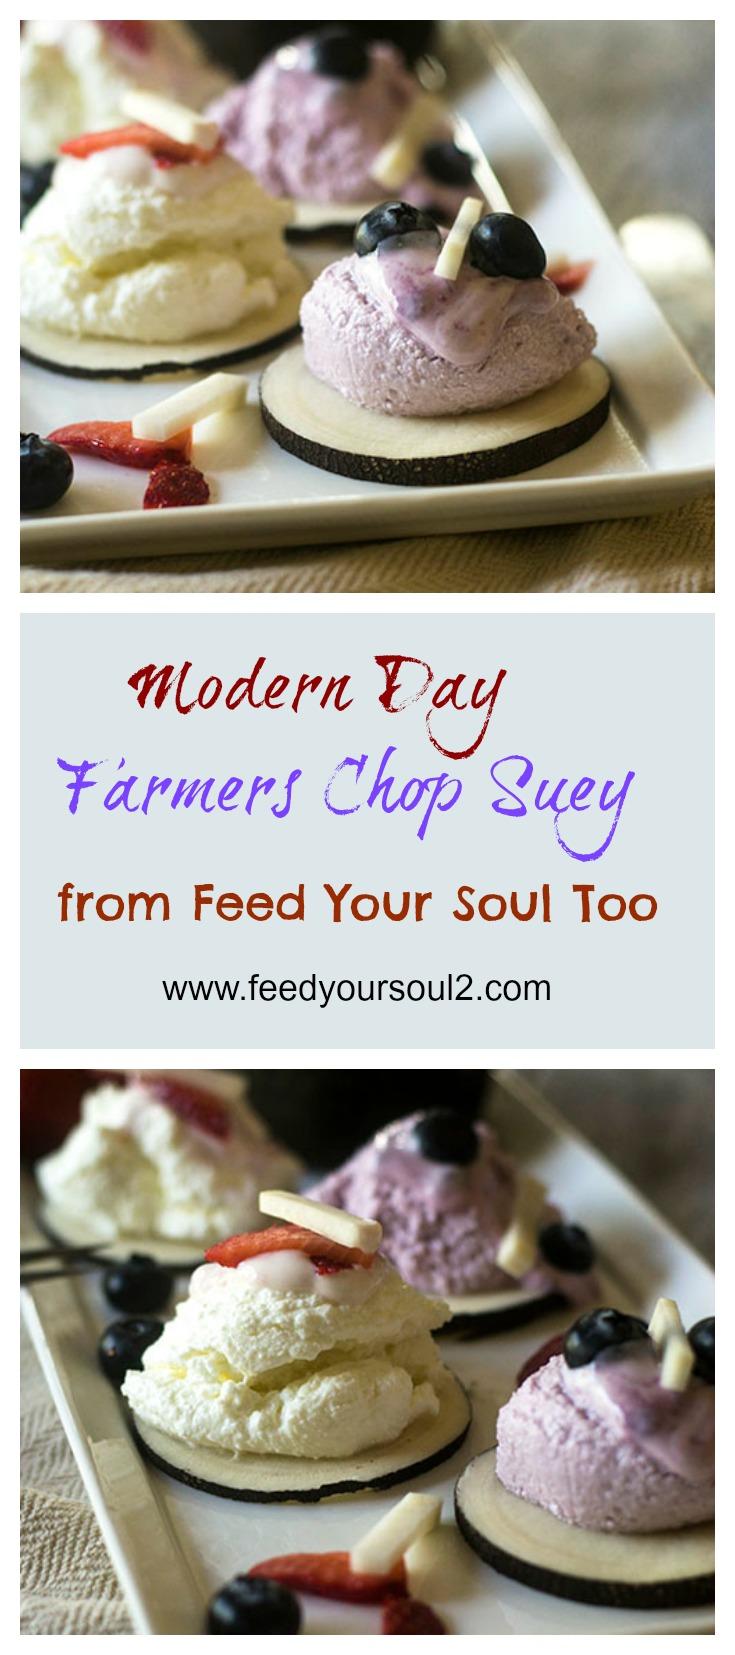 Modern Day Farmers Chop Suey #Healthy #promotio #probiotic | feedyoursoul2.com